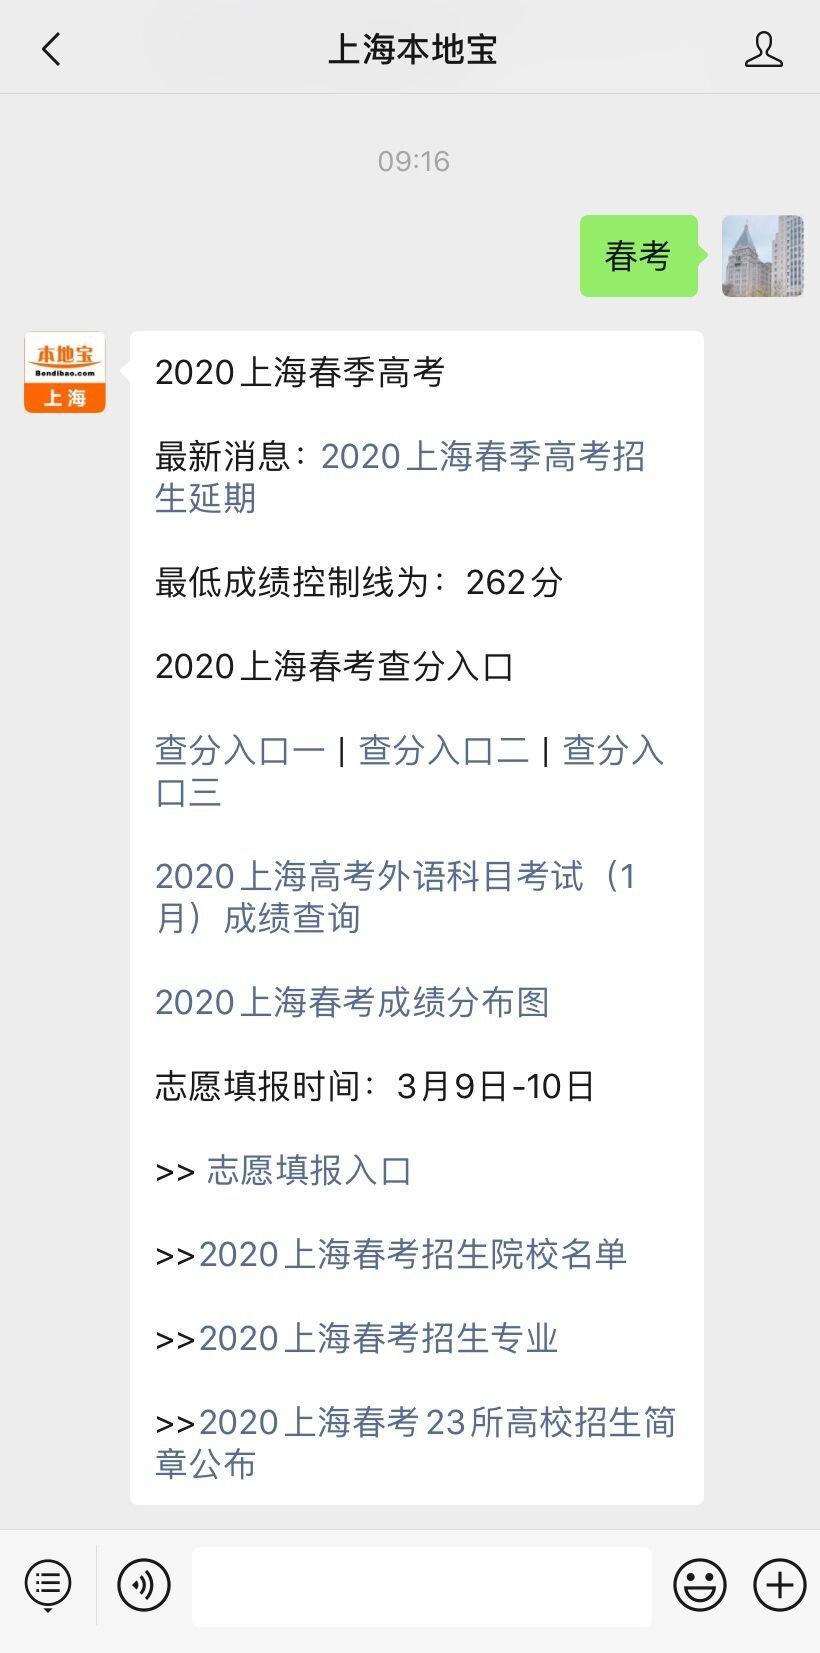 上(shang)海2020年春季高考(kao)3月9日至10日網上(shang)填志願(yuan)